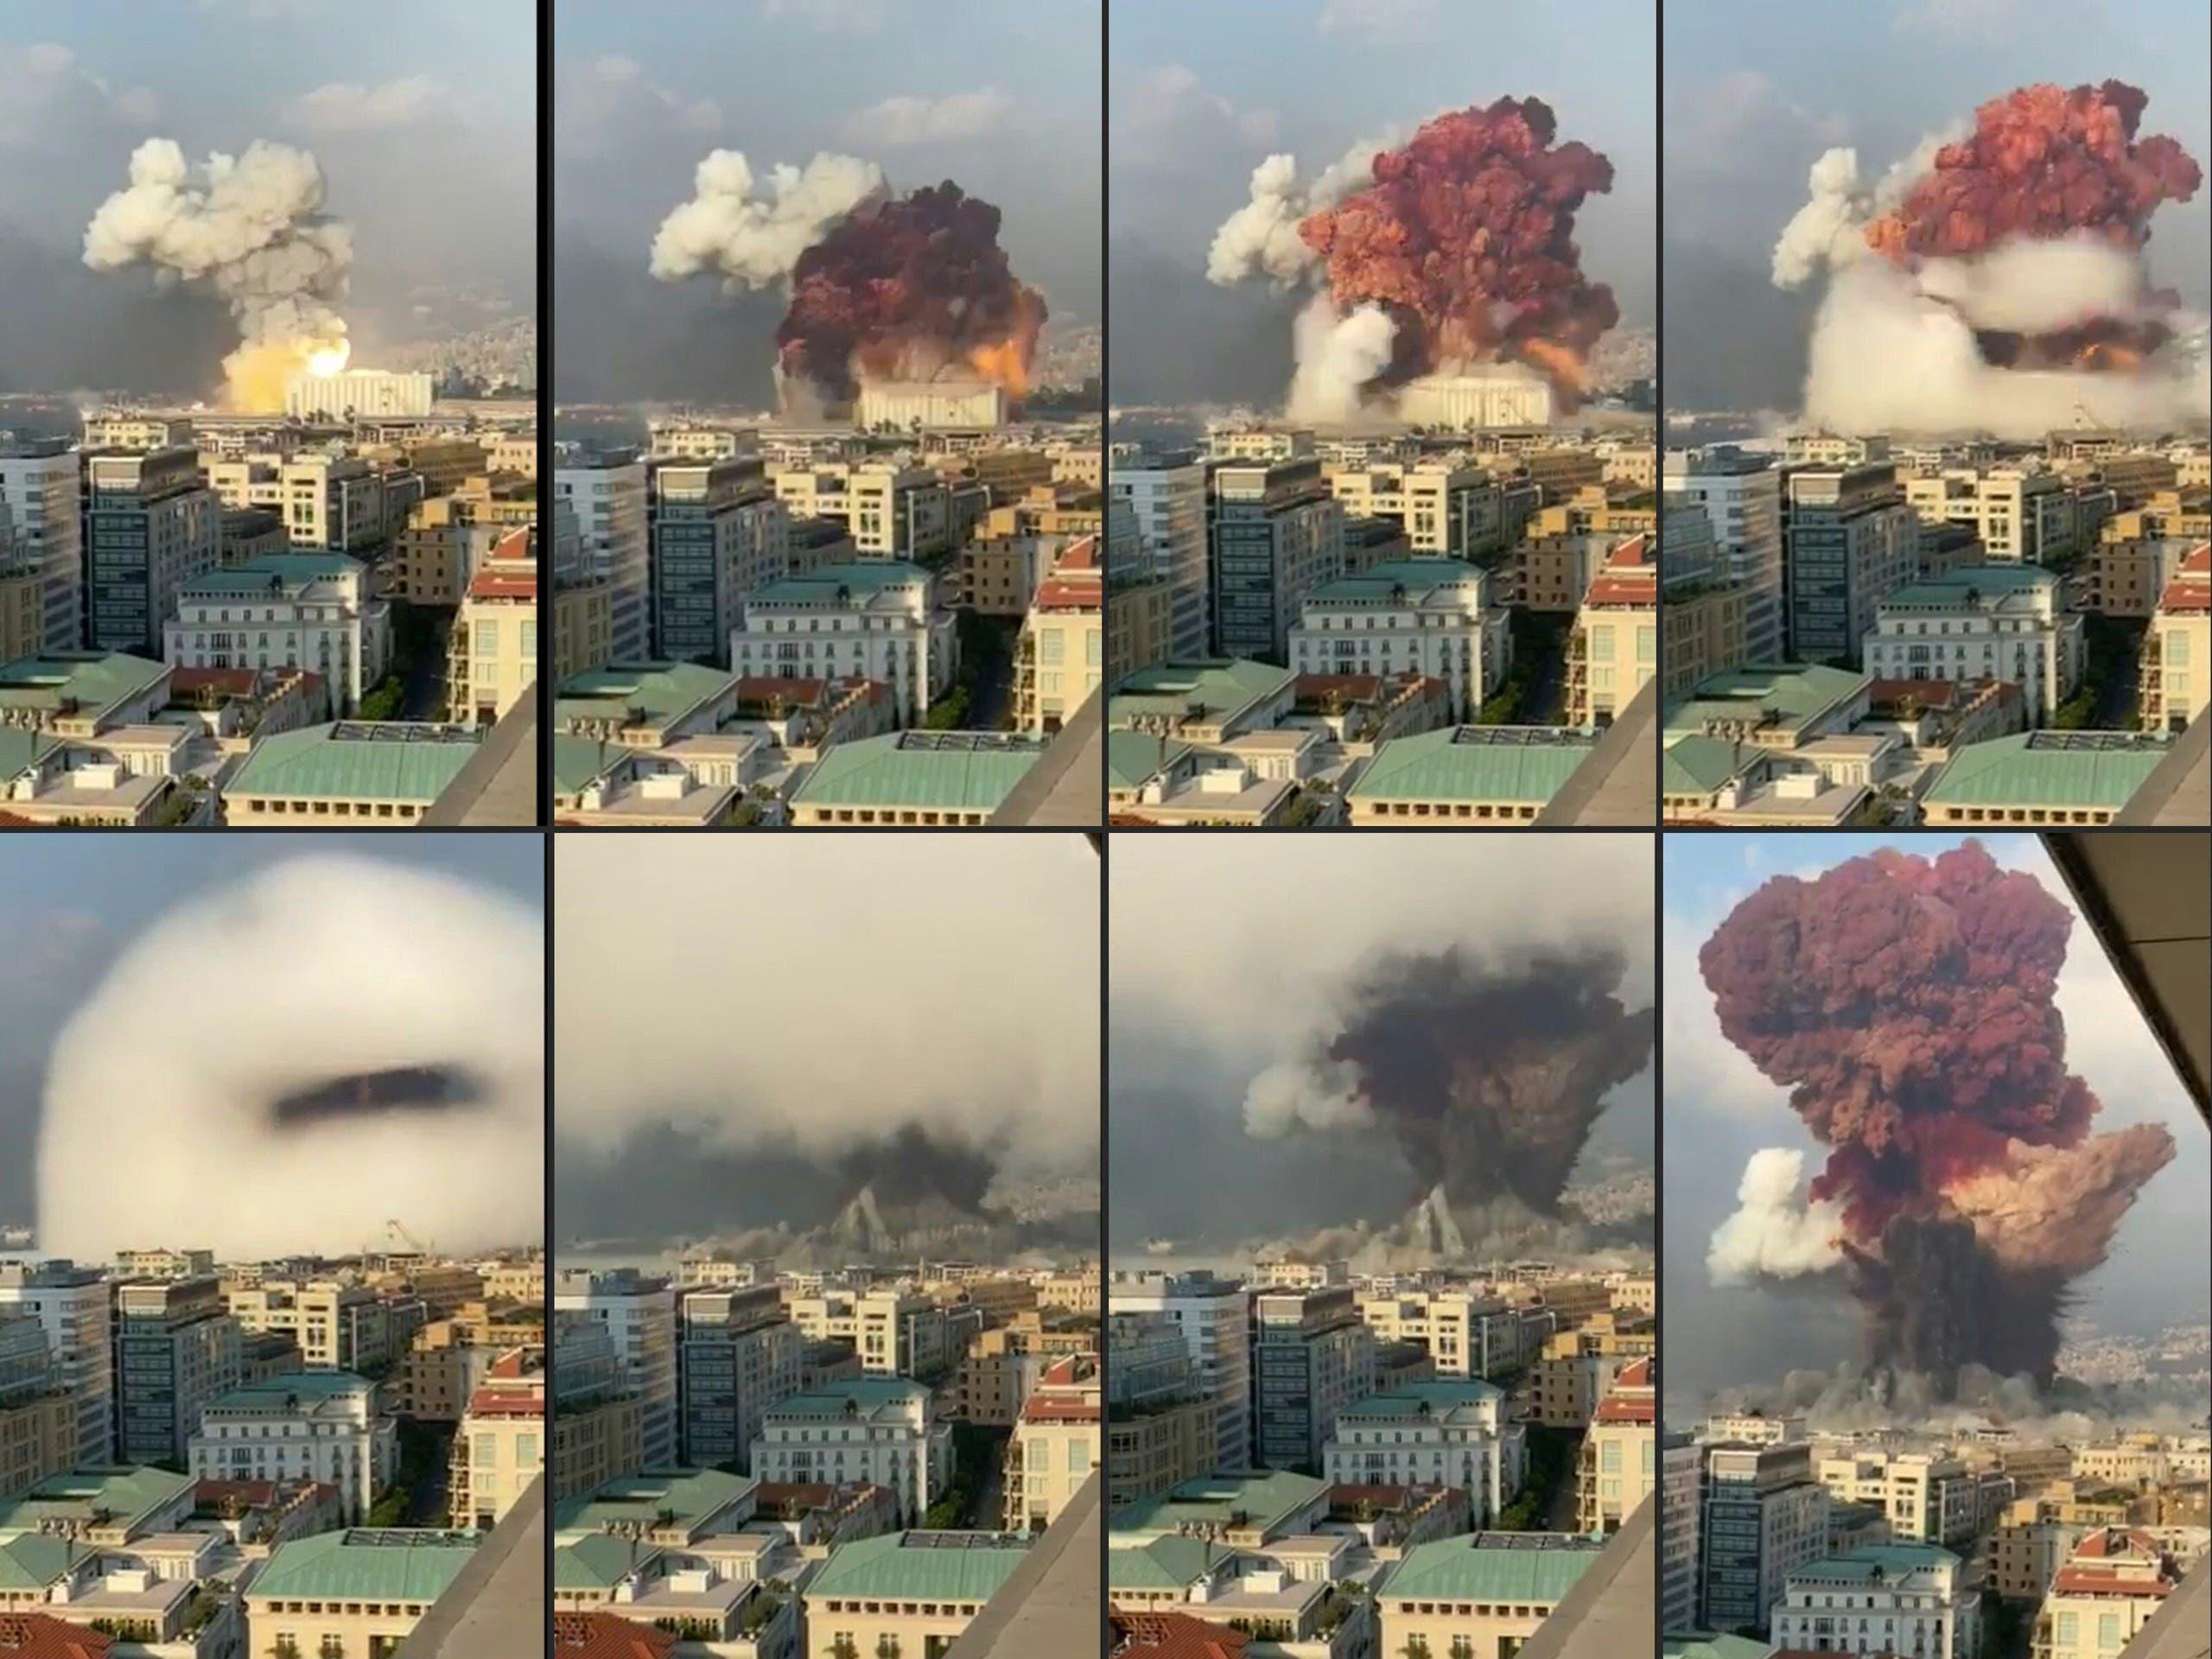 صور تظهر انفجار مرفأ بيروت